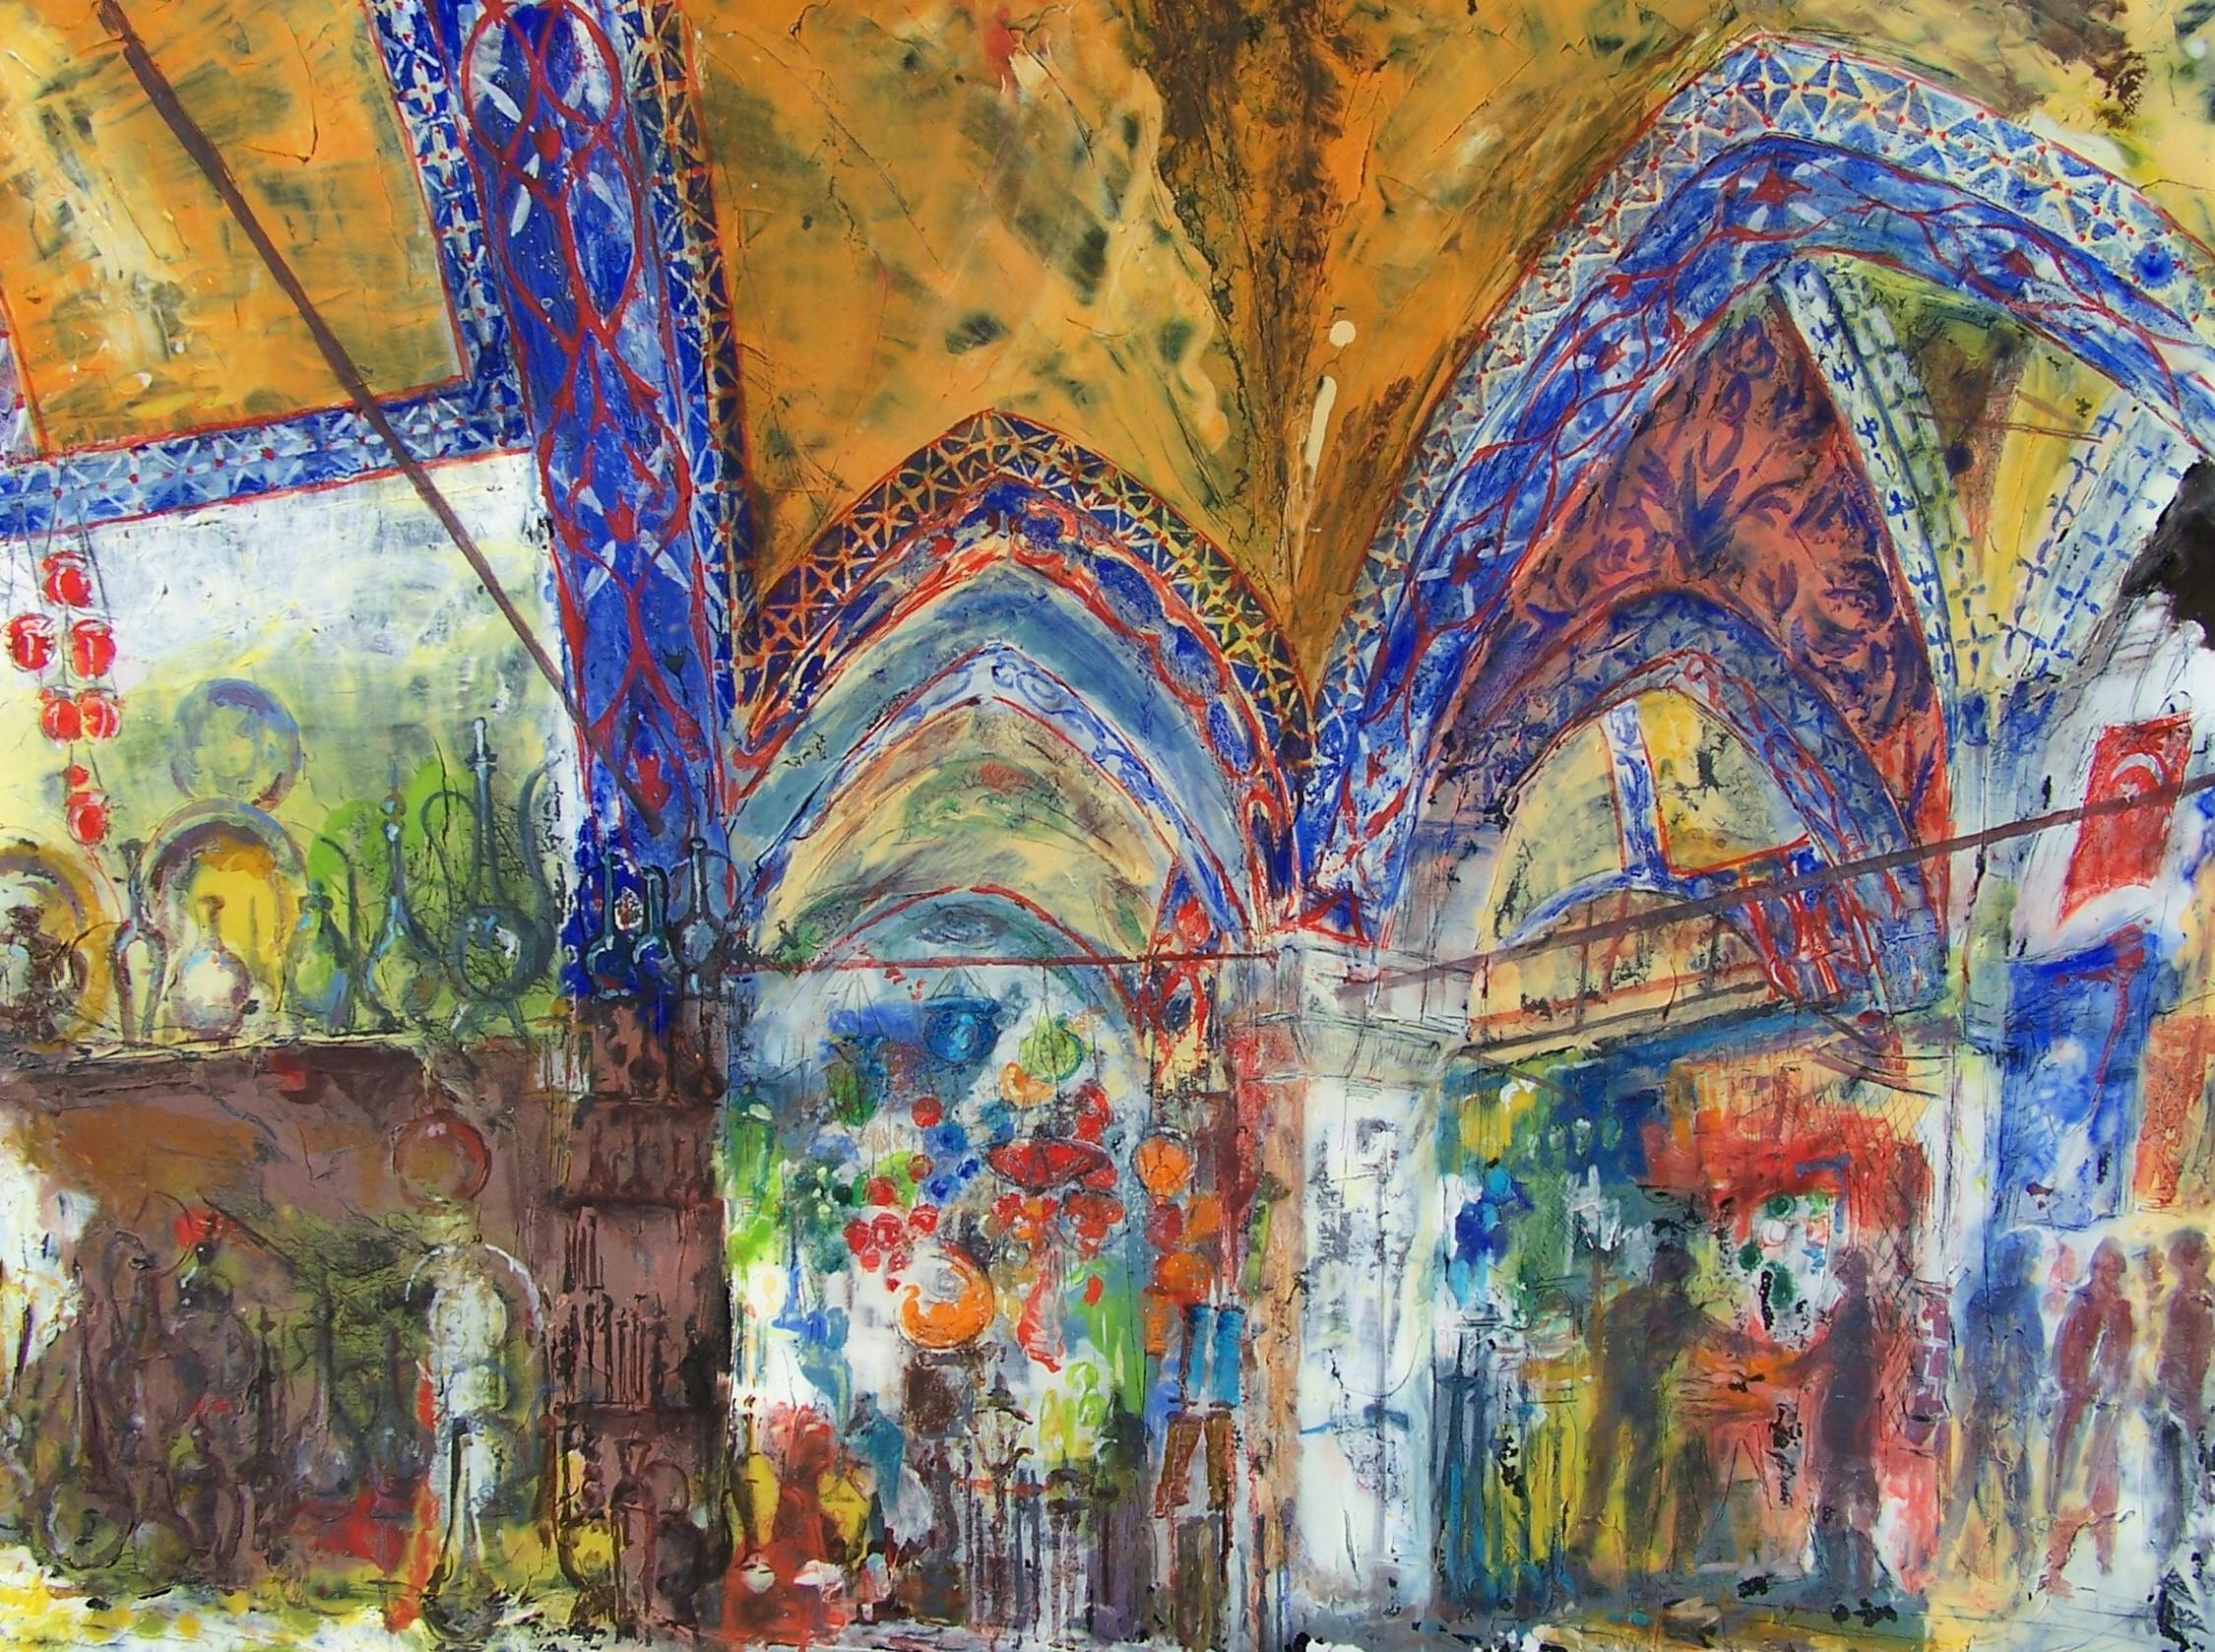 Grand Bazaar, Istanbul, oil on canvas, 90x120 cm